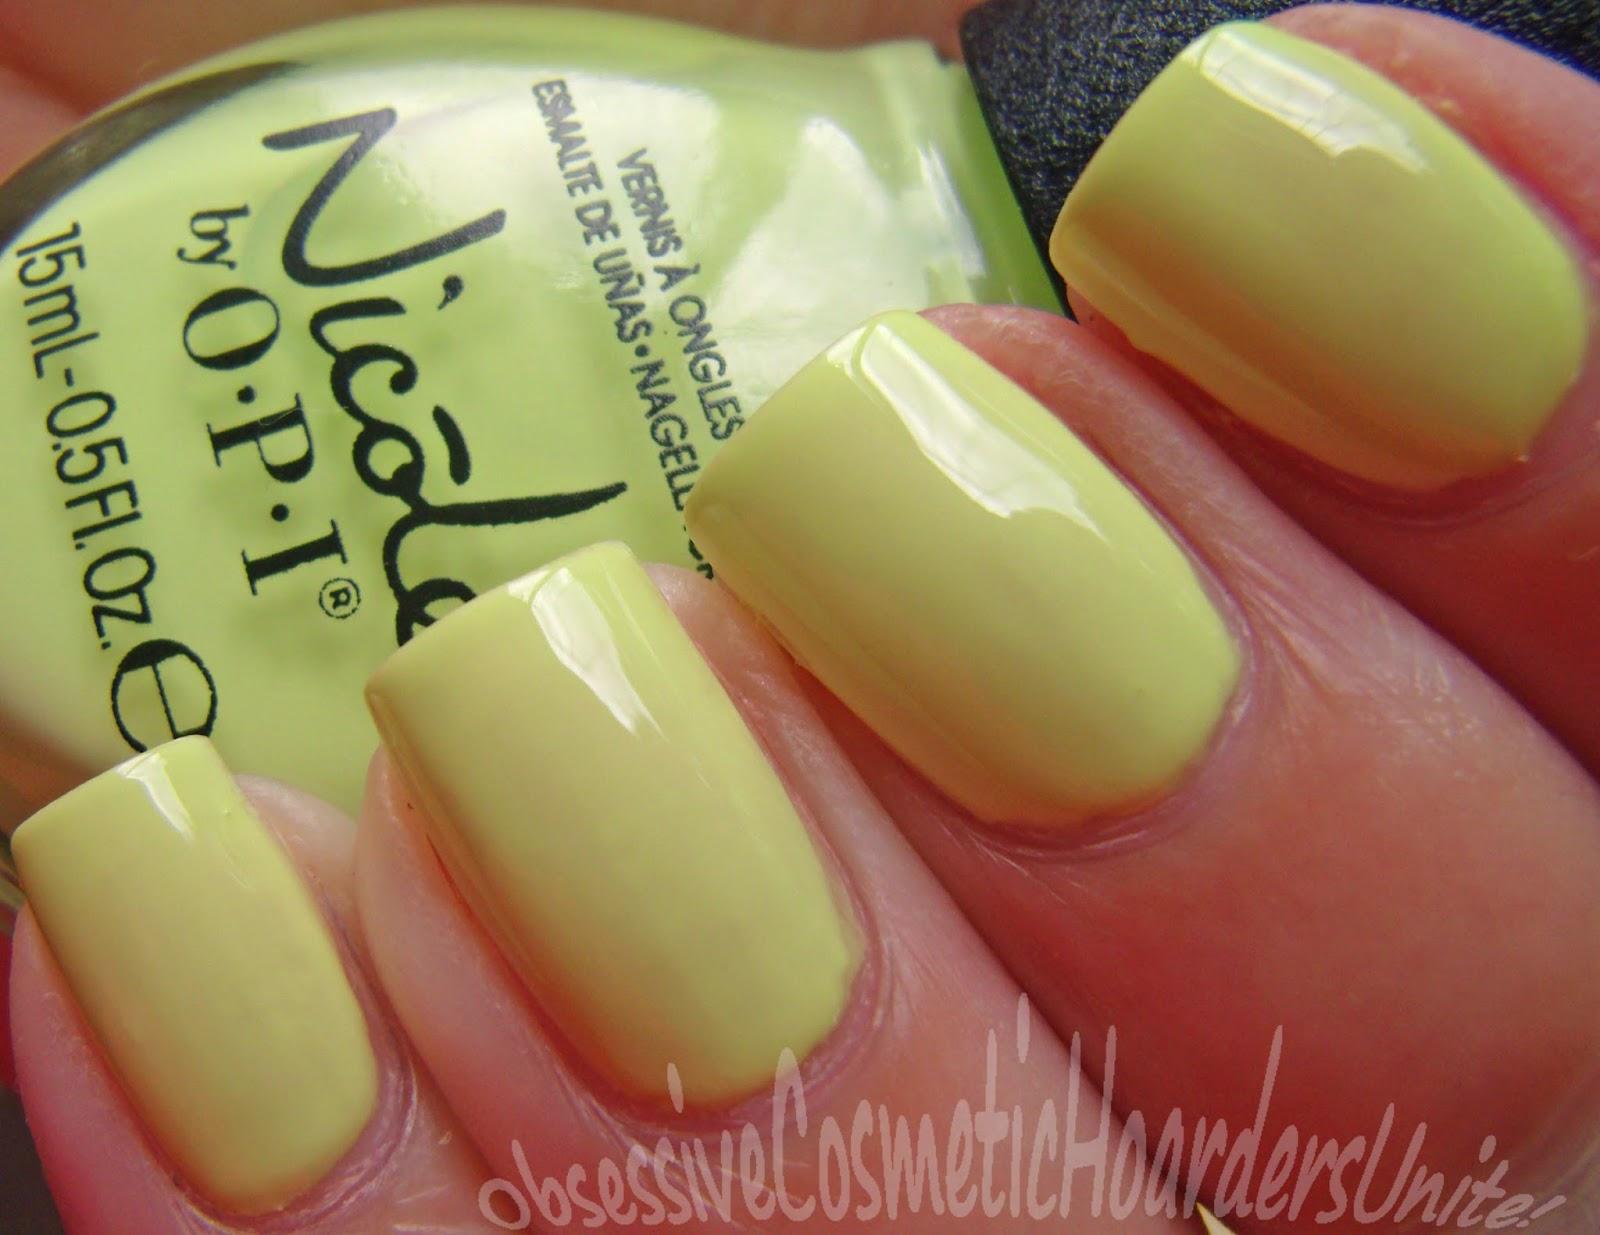 Obsessive Cosmetic Hoarders Unite!: July 2014